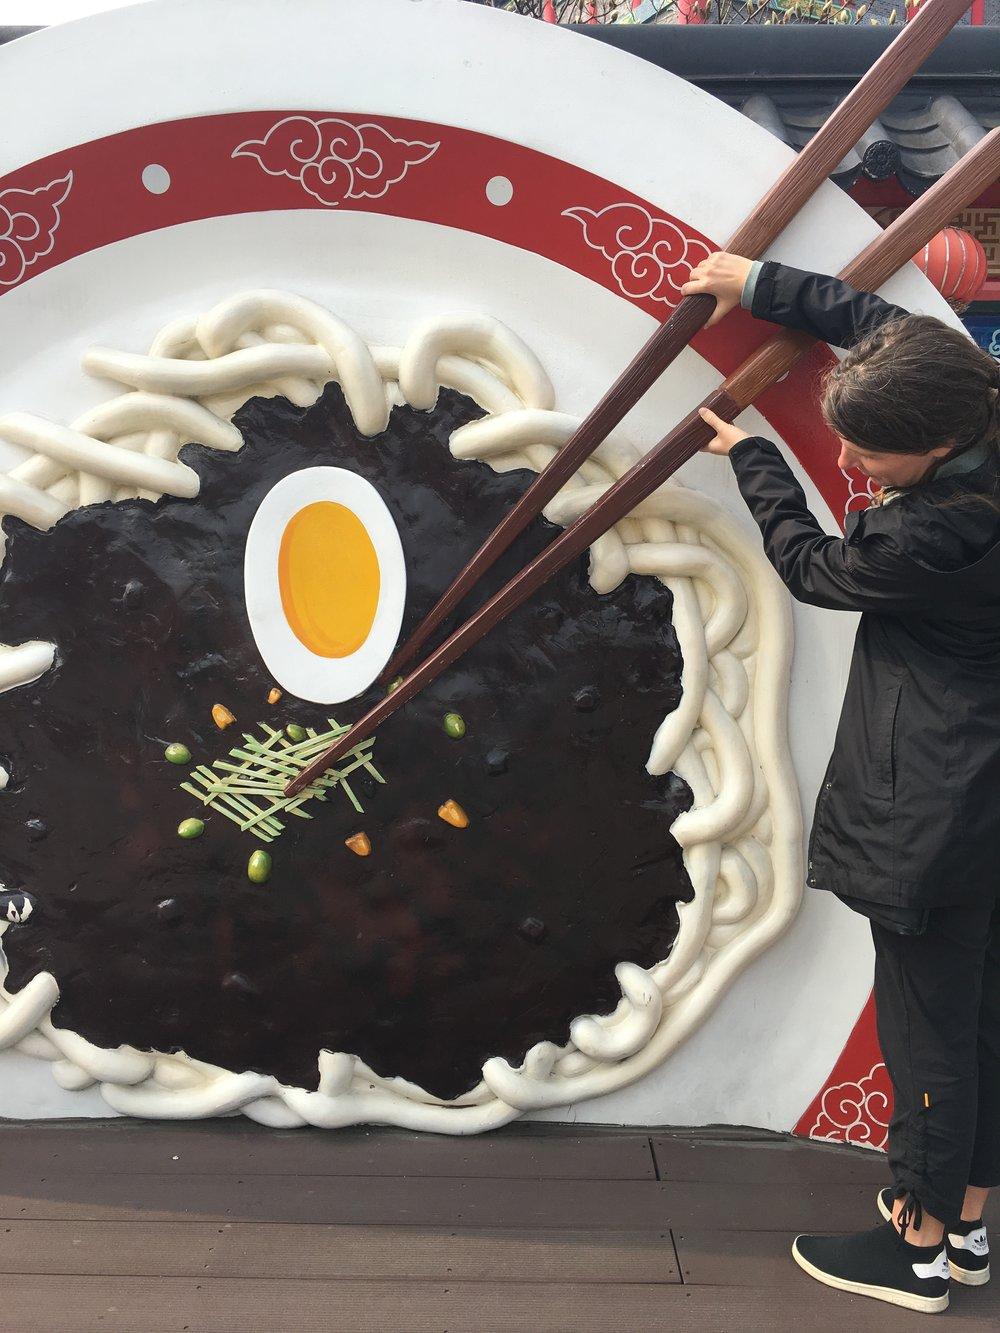 Big bowl of jjajangmyeon